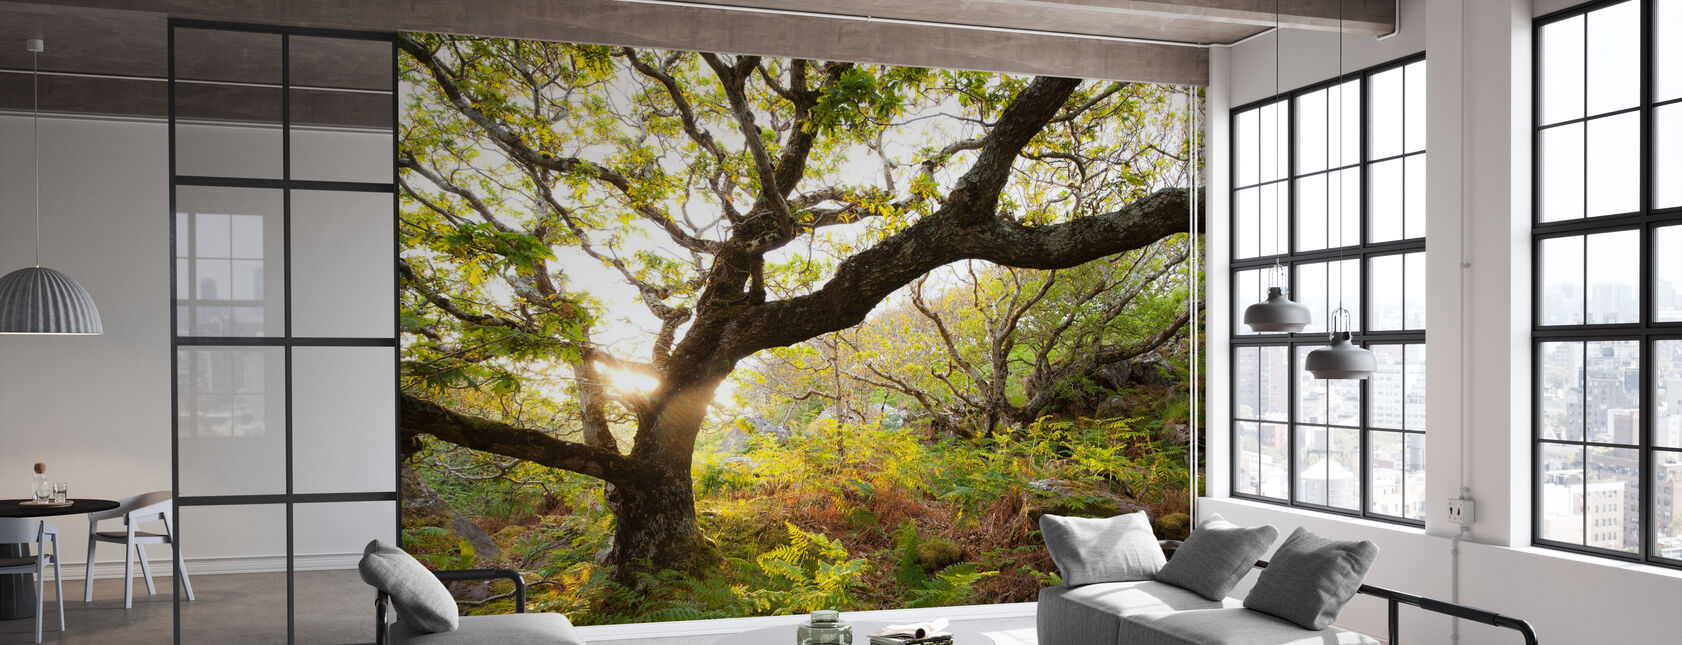 Great Oak Tree - Wallpaper - Office